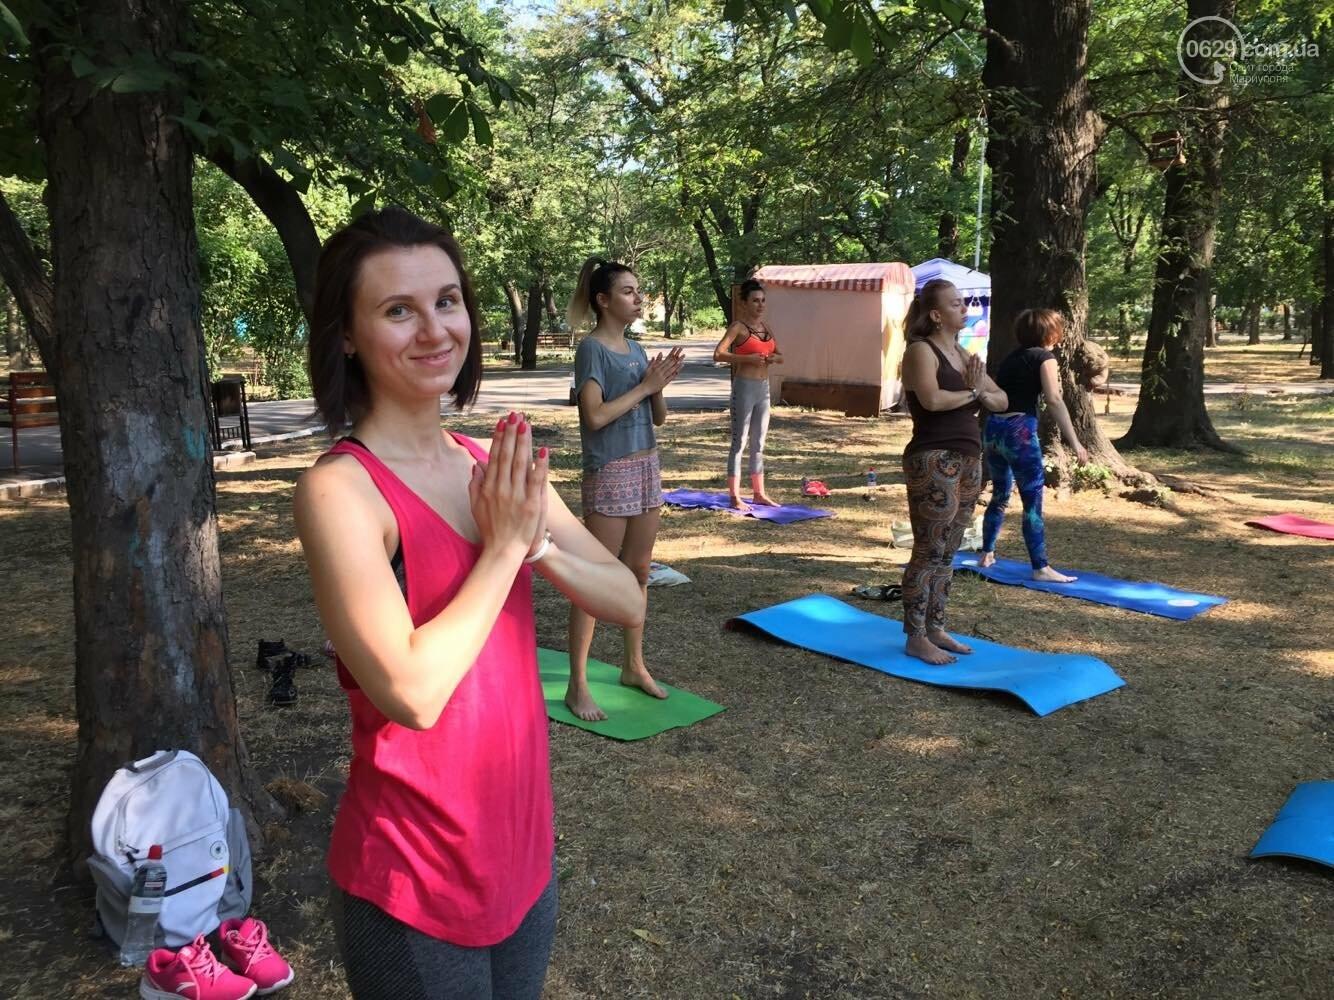 В Мариуполе отпраздновали Международный День йоги, - ФОТО, ВИДЕО, фото-7